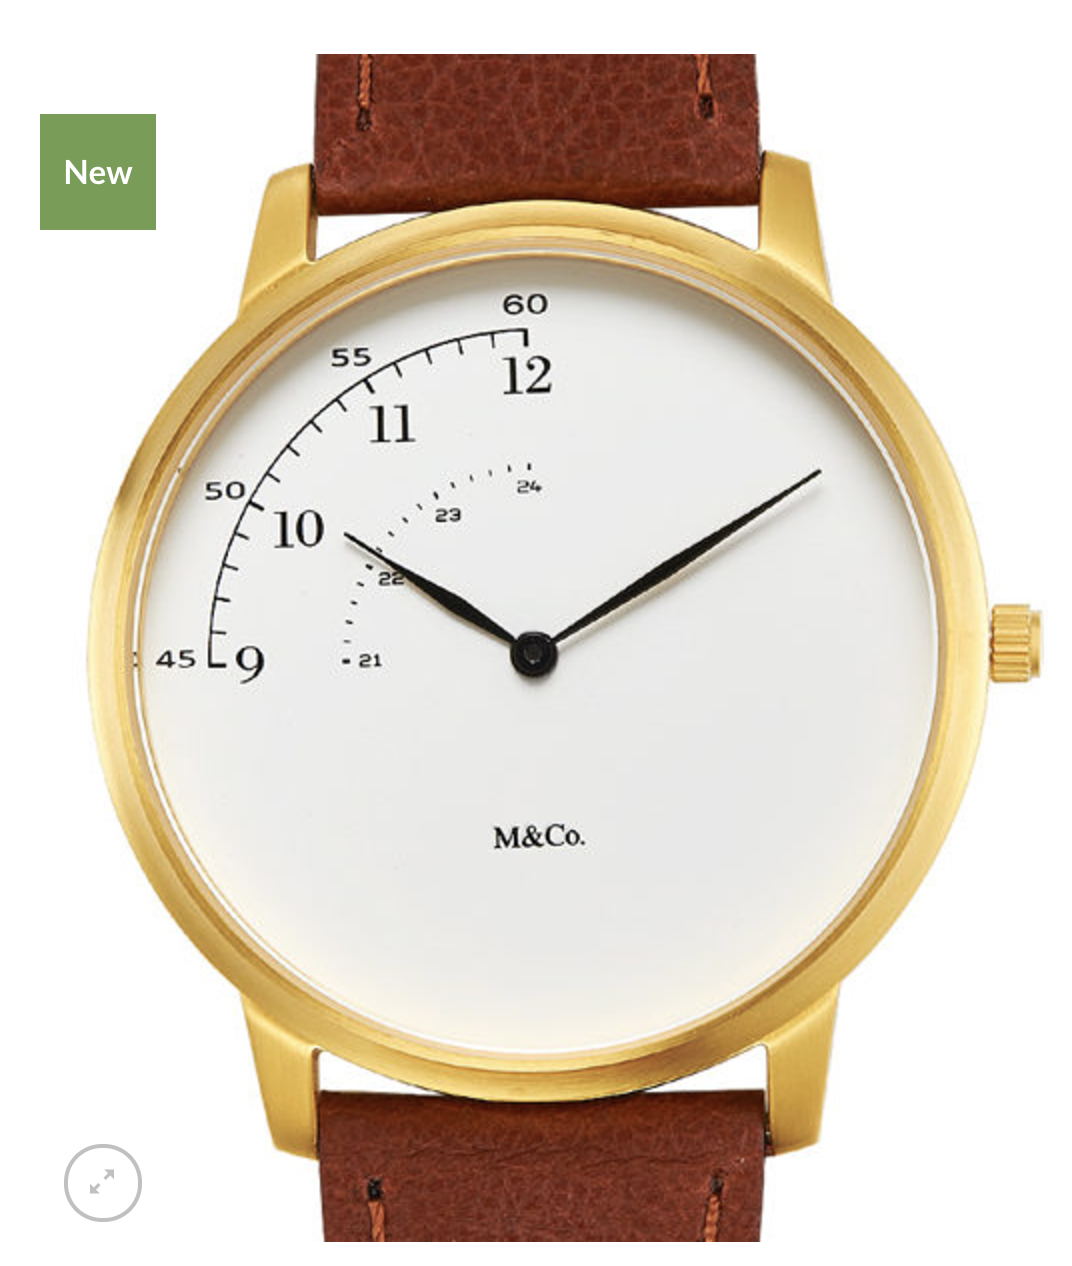 La montre qui ne montre pas tout // @ M&Co